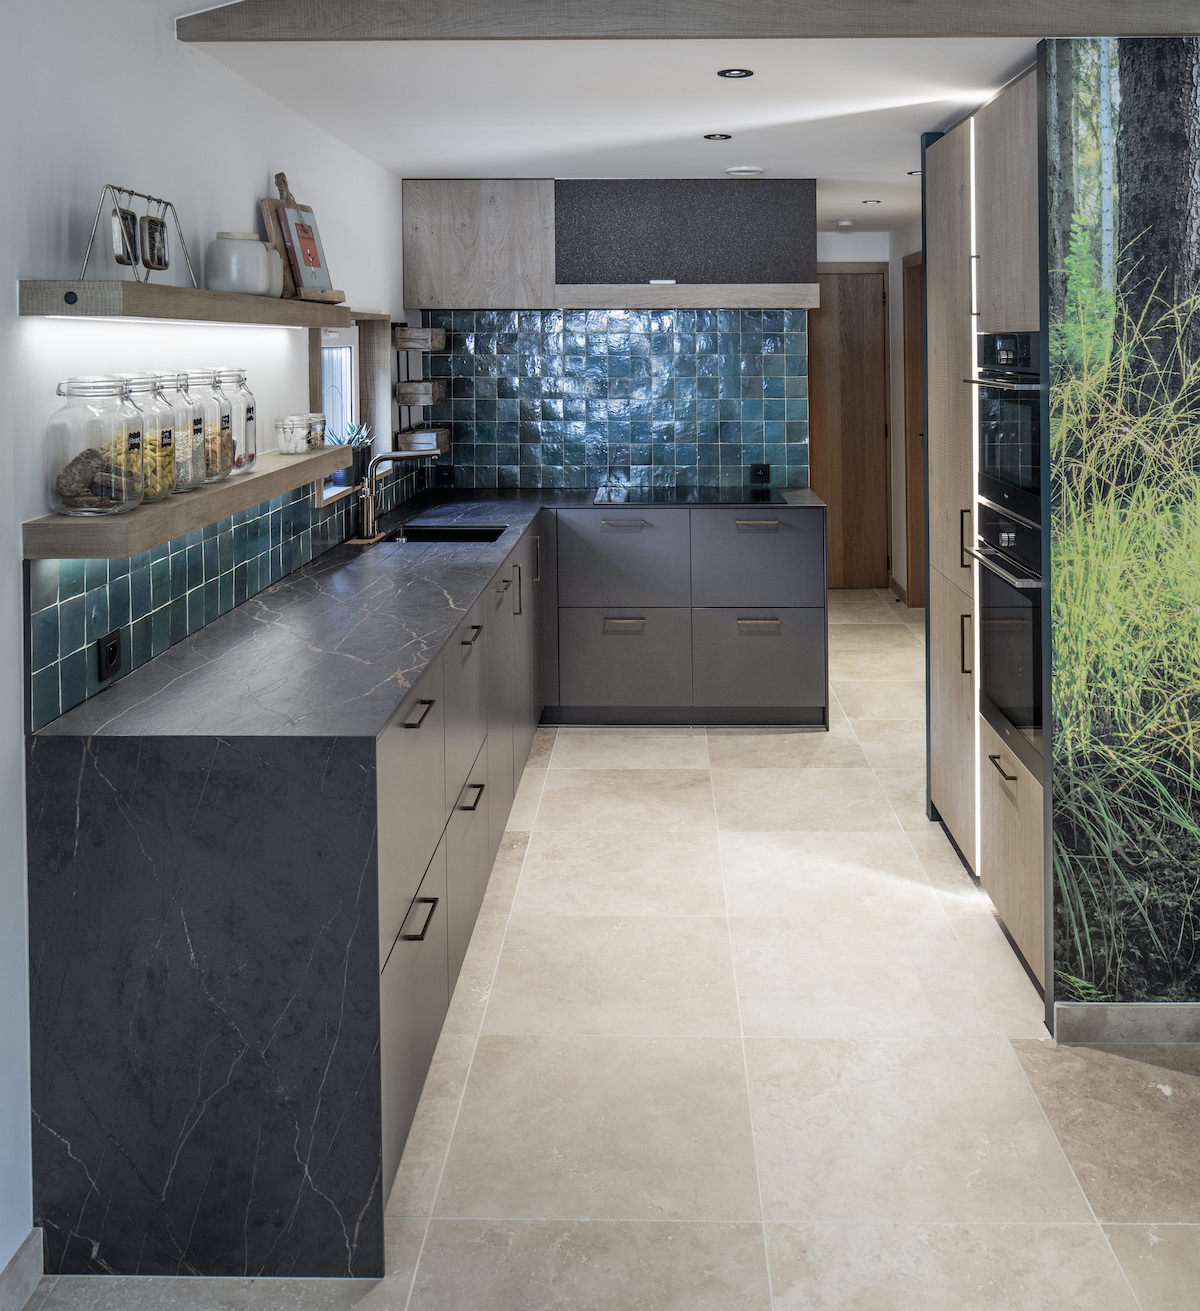 Keuken met werkblad in Dekton